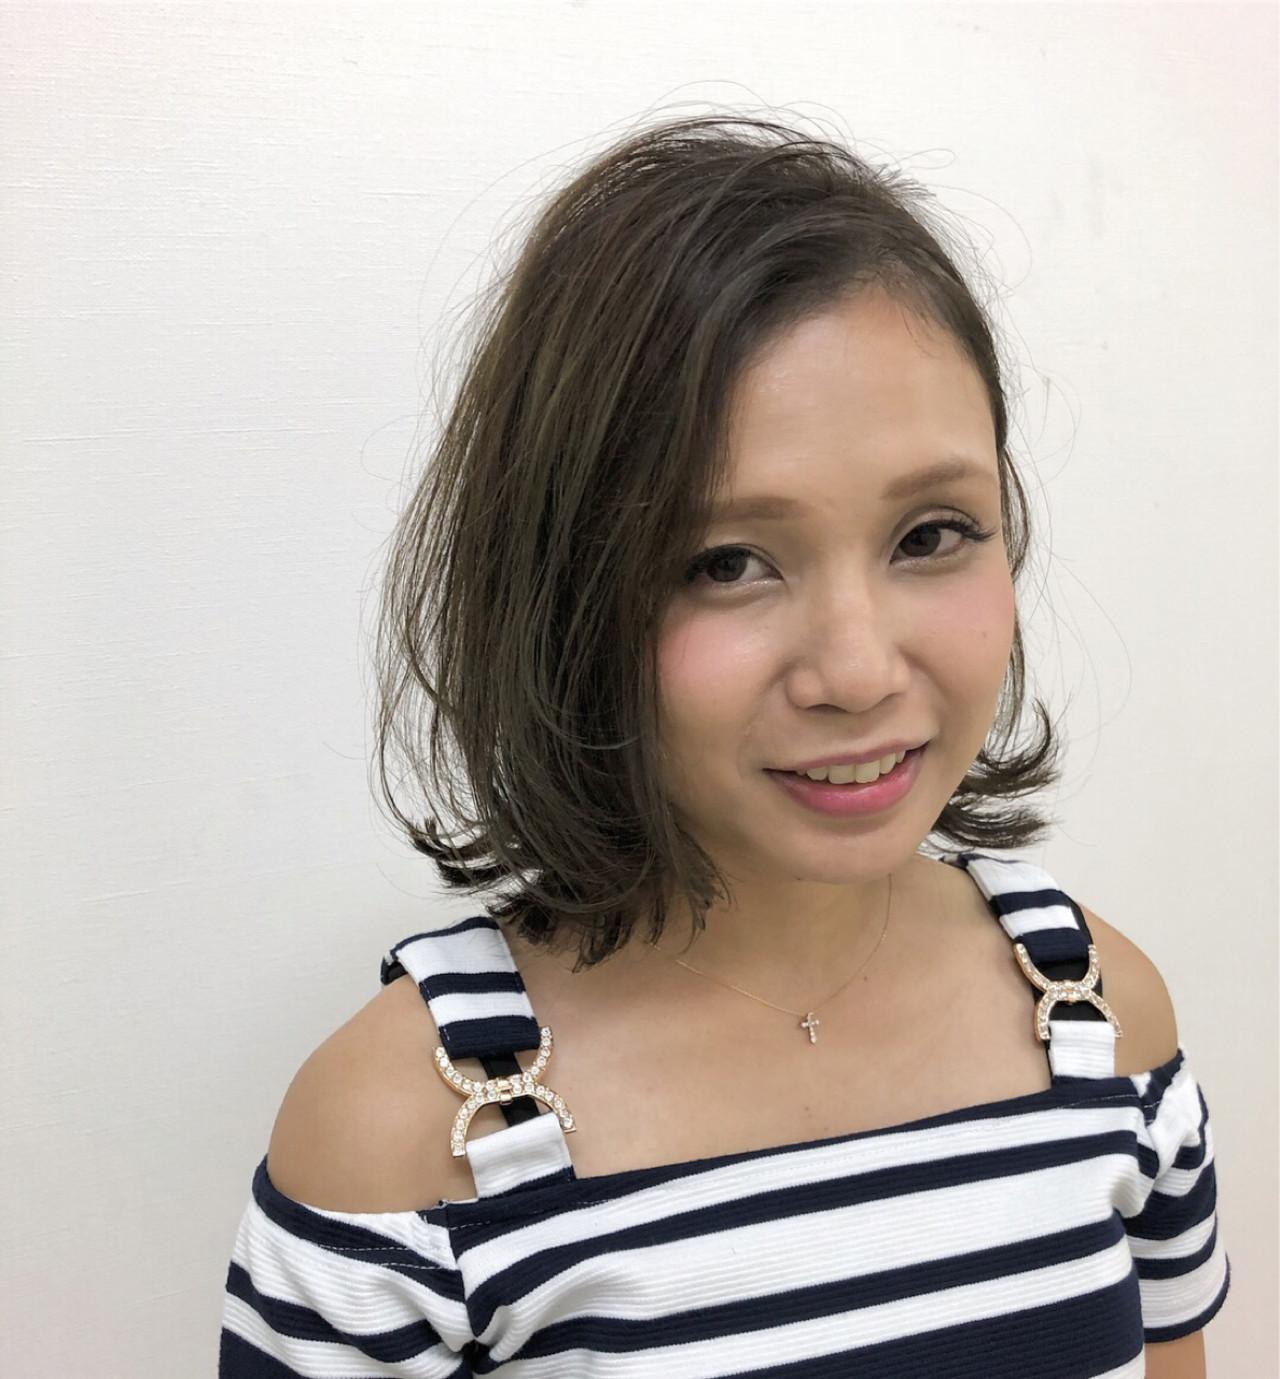 ナチュラル派に♡かき上げ風の色っぽヘア Yuuta Asato